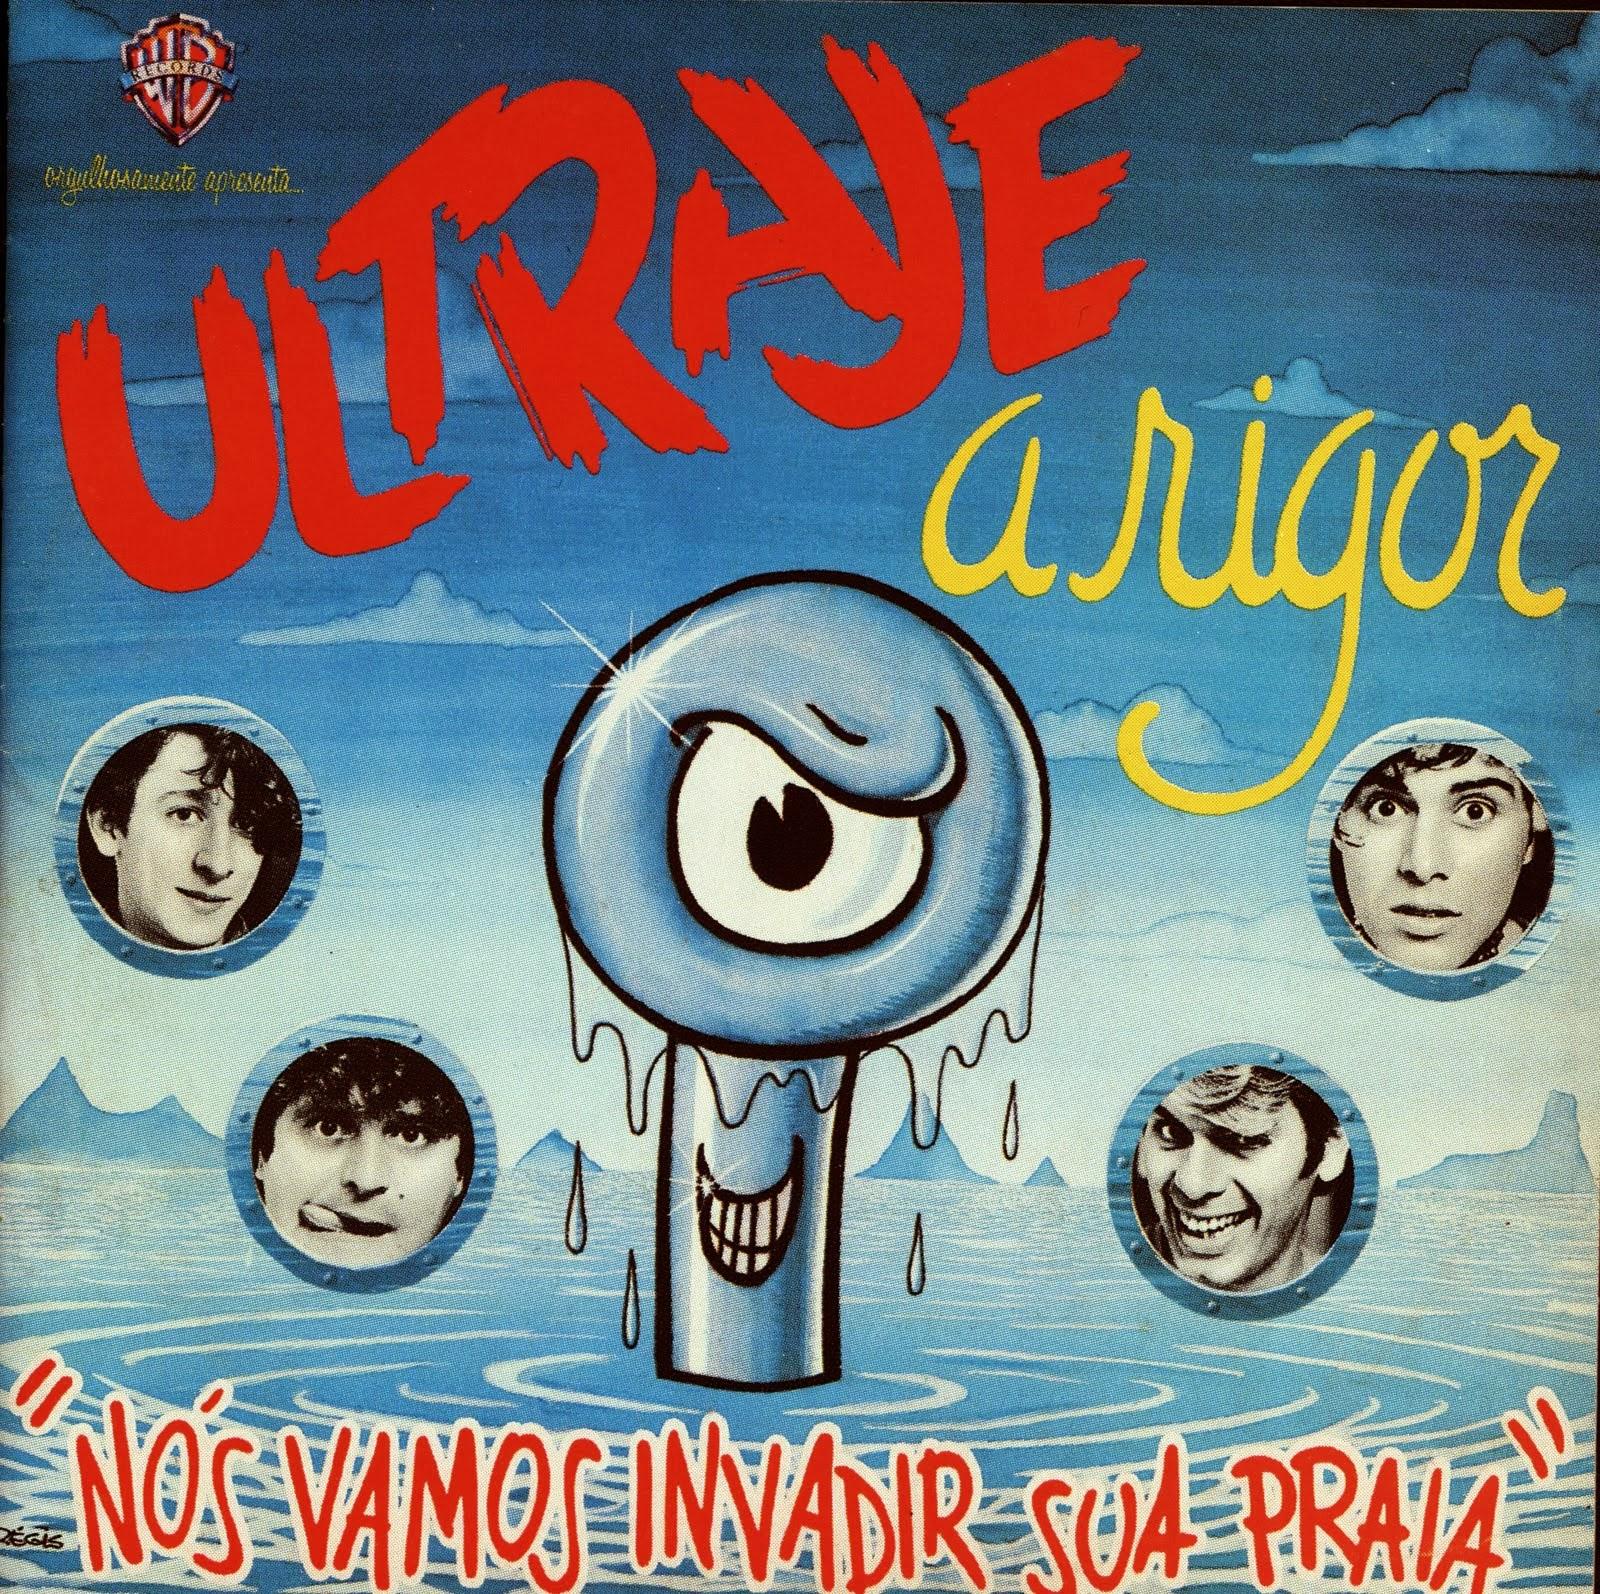 Download ultraje a rigor discografia rock download.